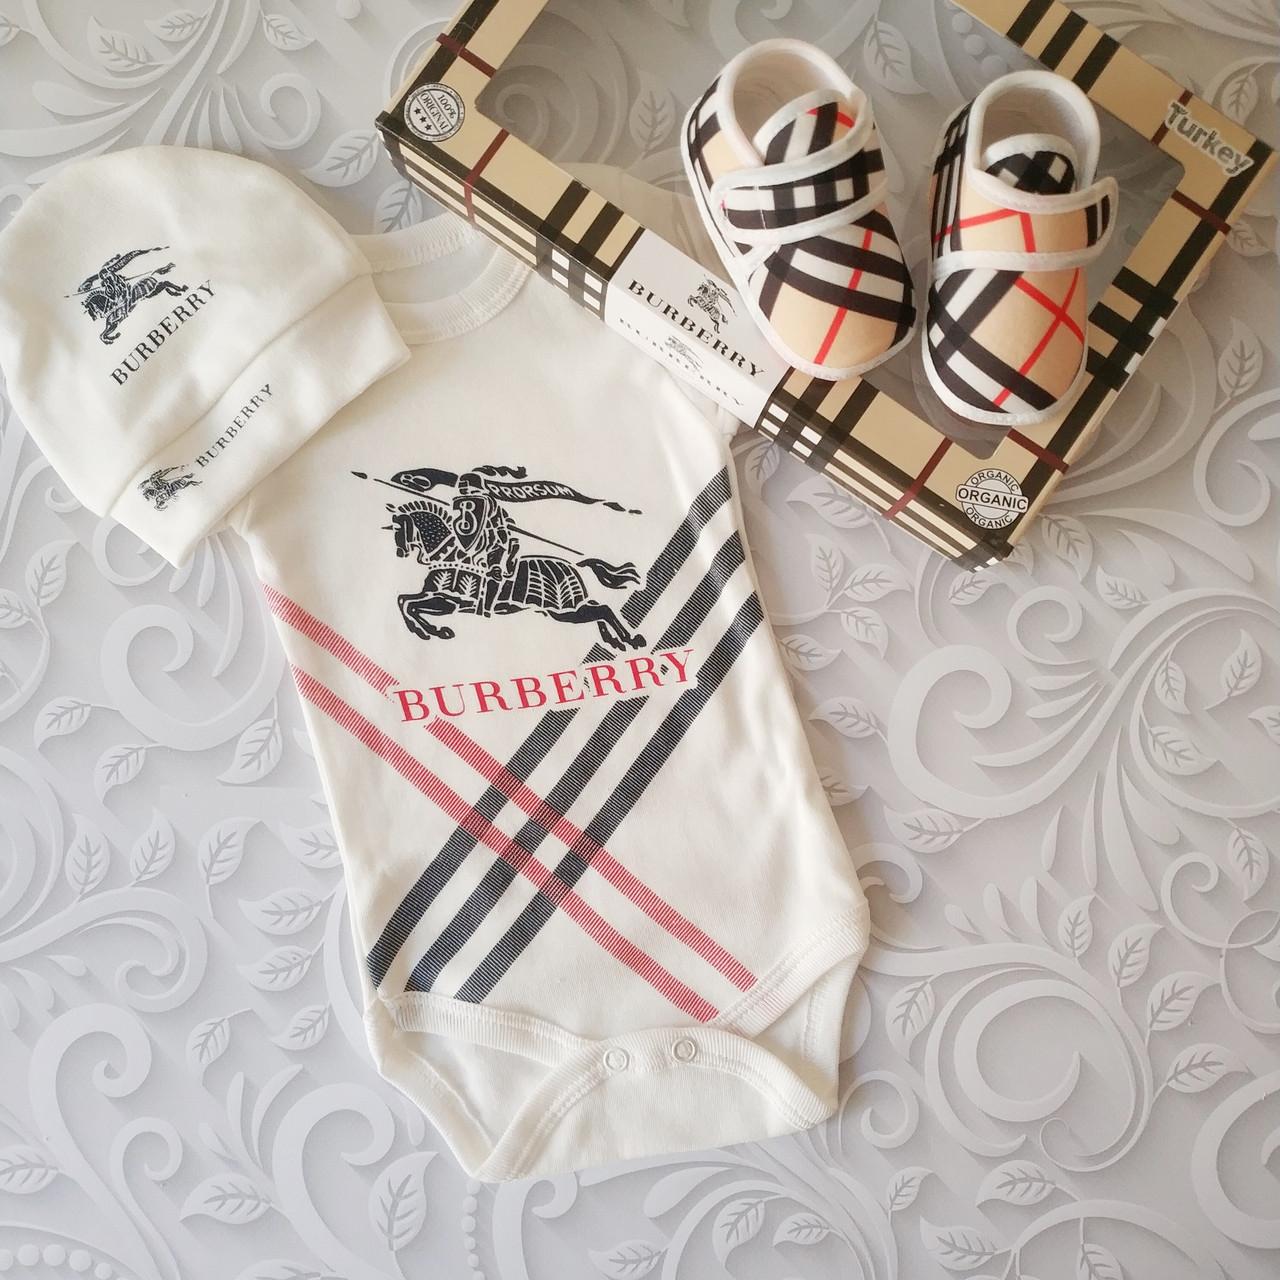 Набор для новорожденного Burberry,3 предмета